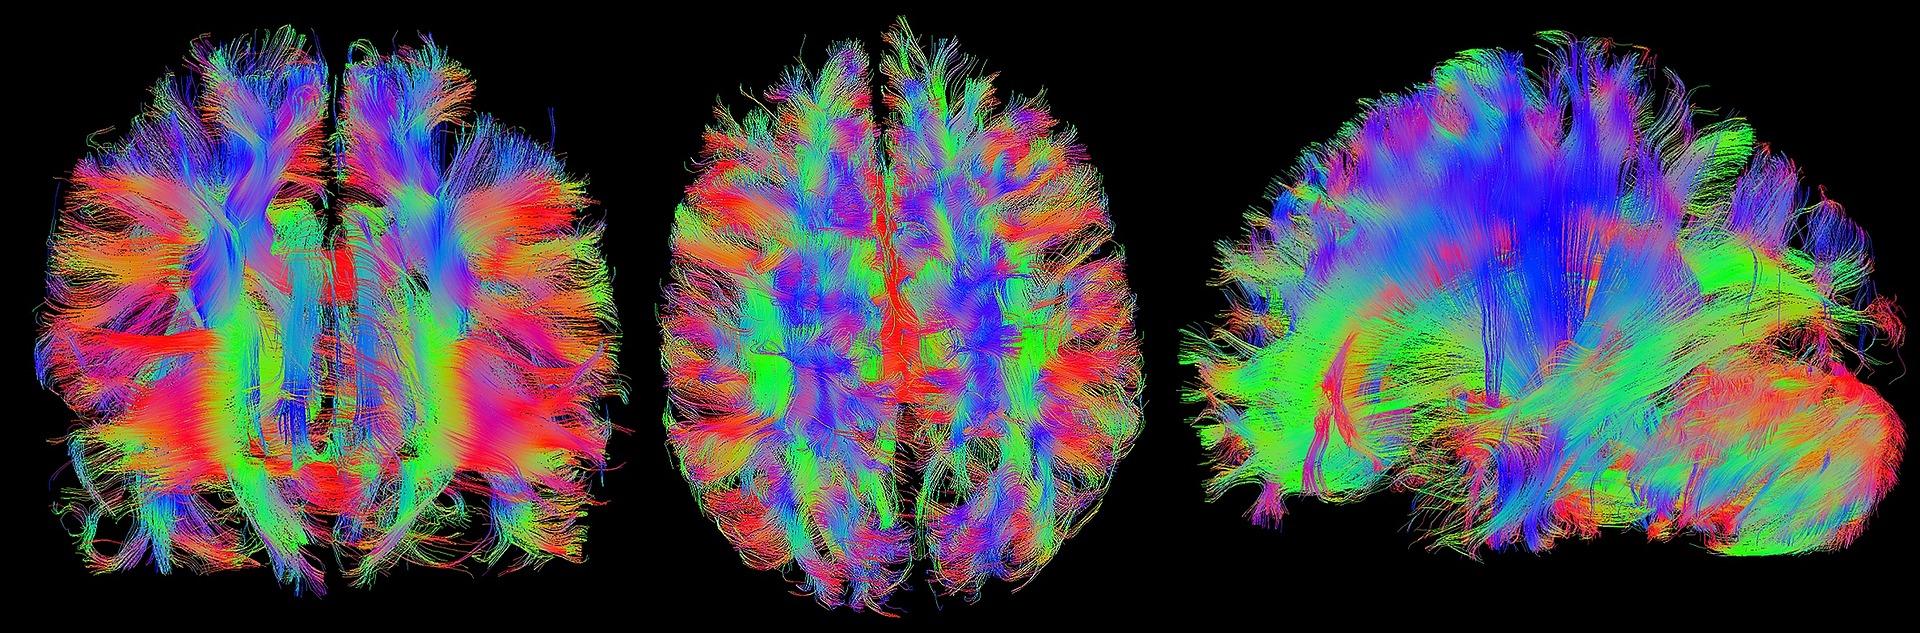 fluorescent colored brain illustrations